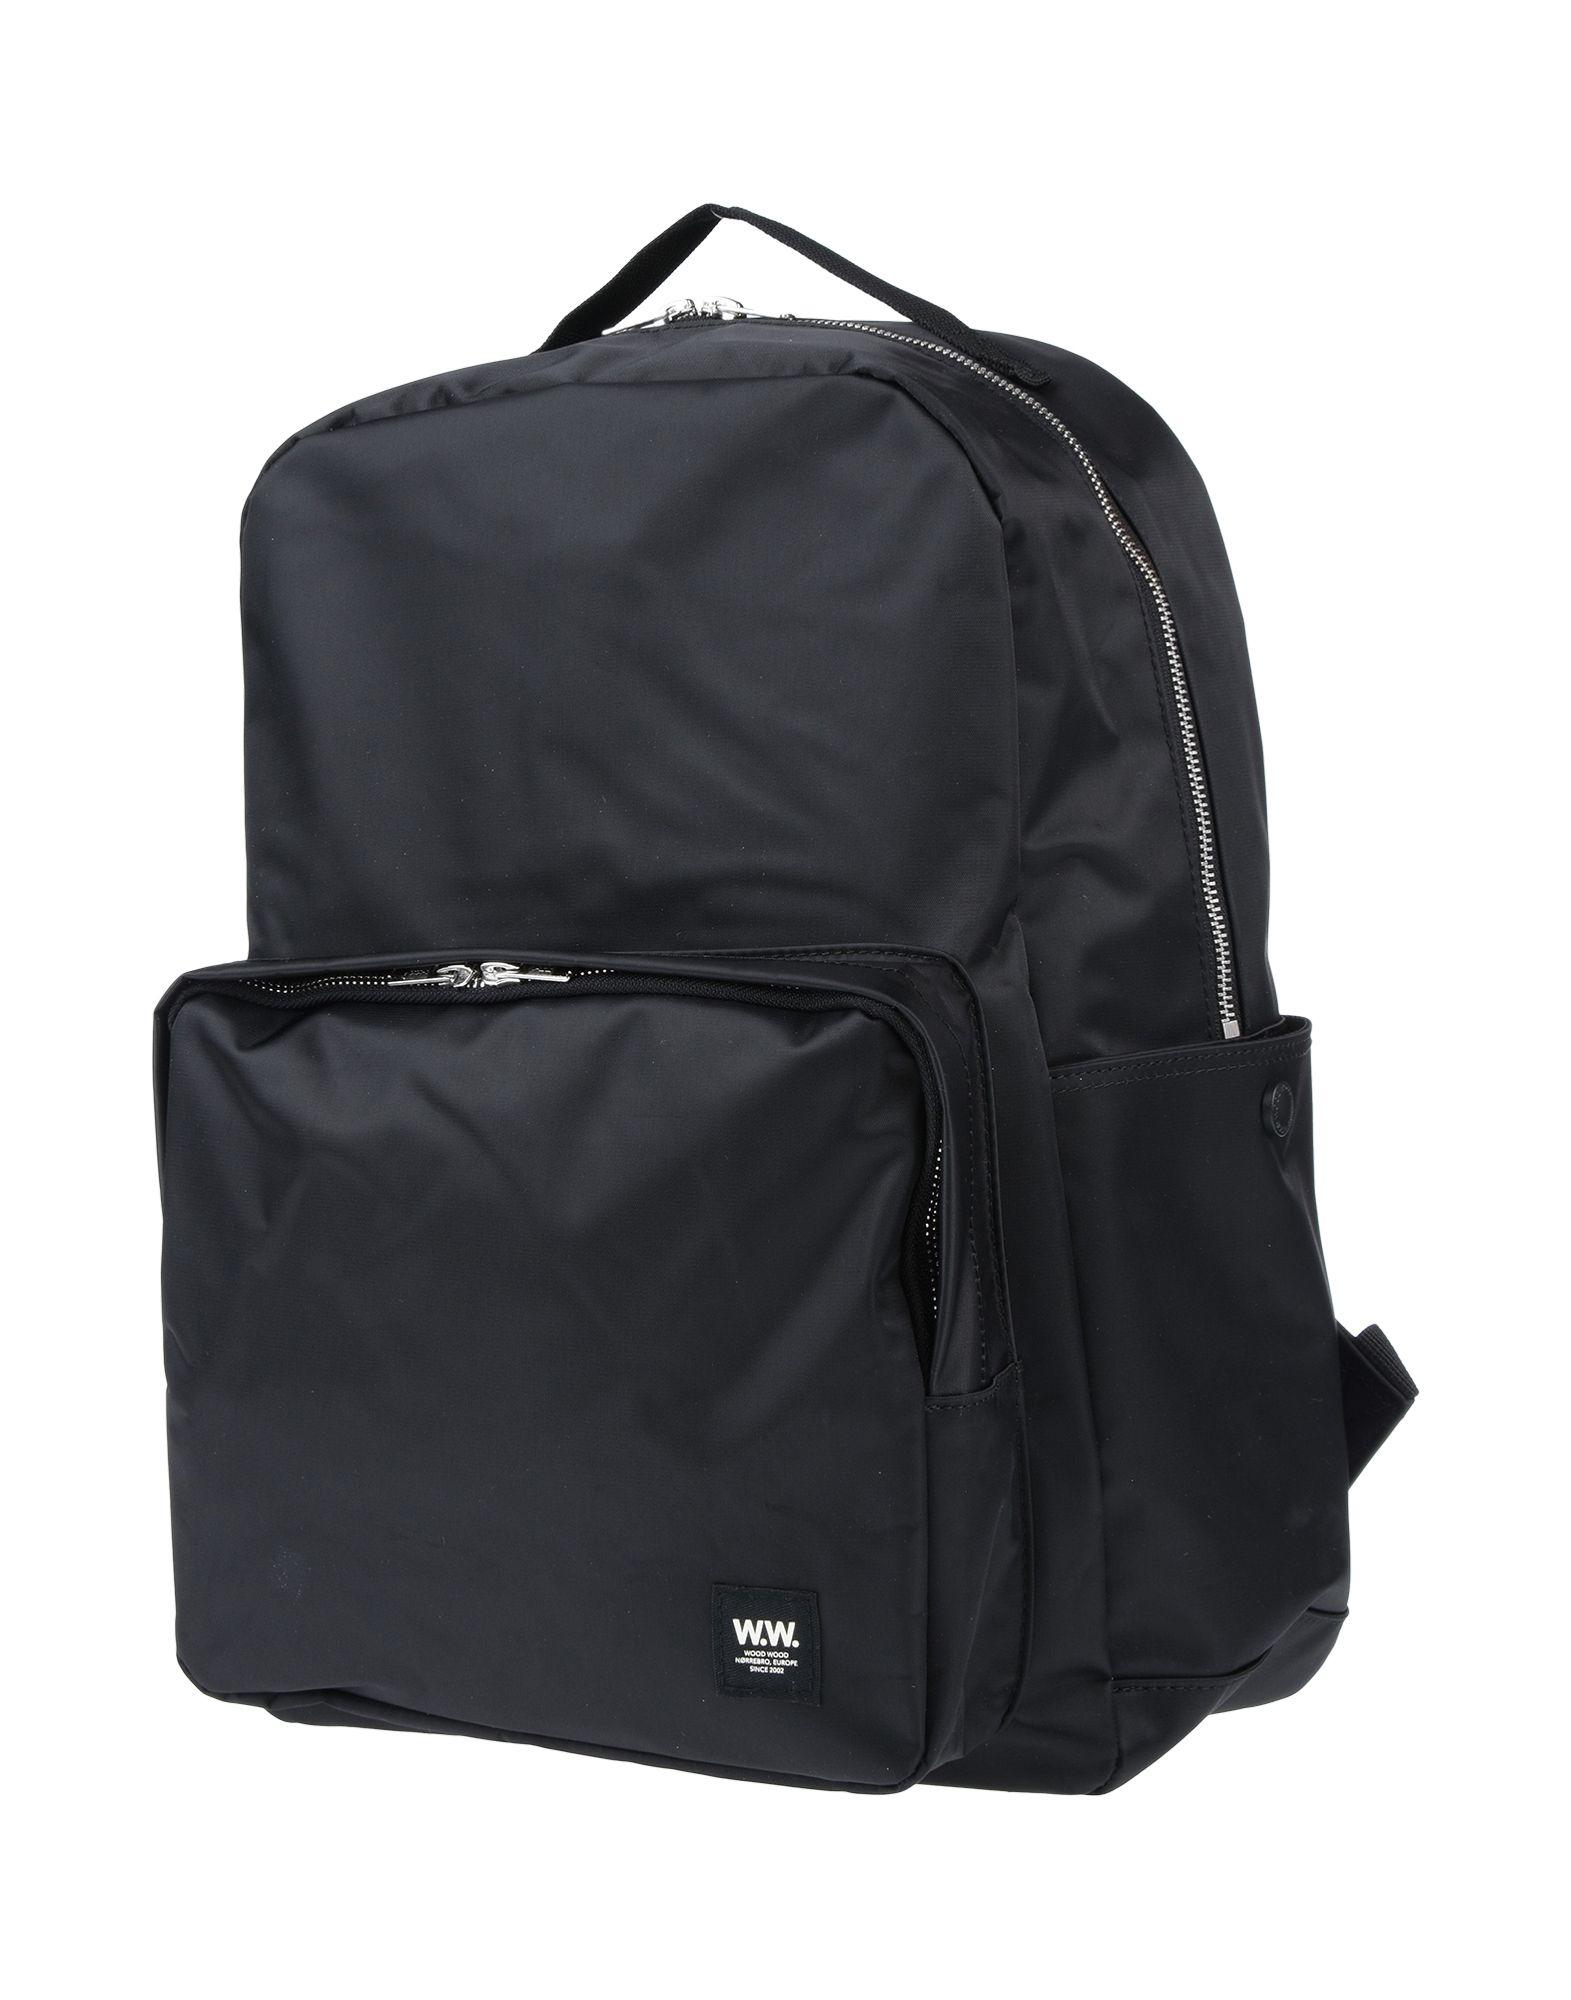 Фото - WOOD WOOD Рюкзаки и сумки на пояс wood wood рюкзаки и сумки на пояс